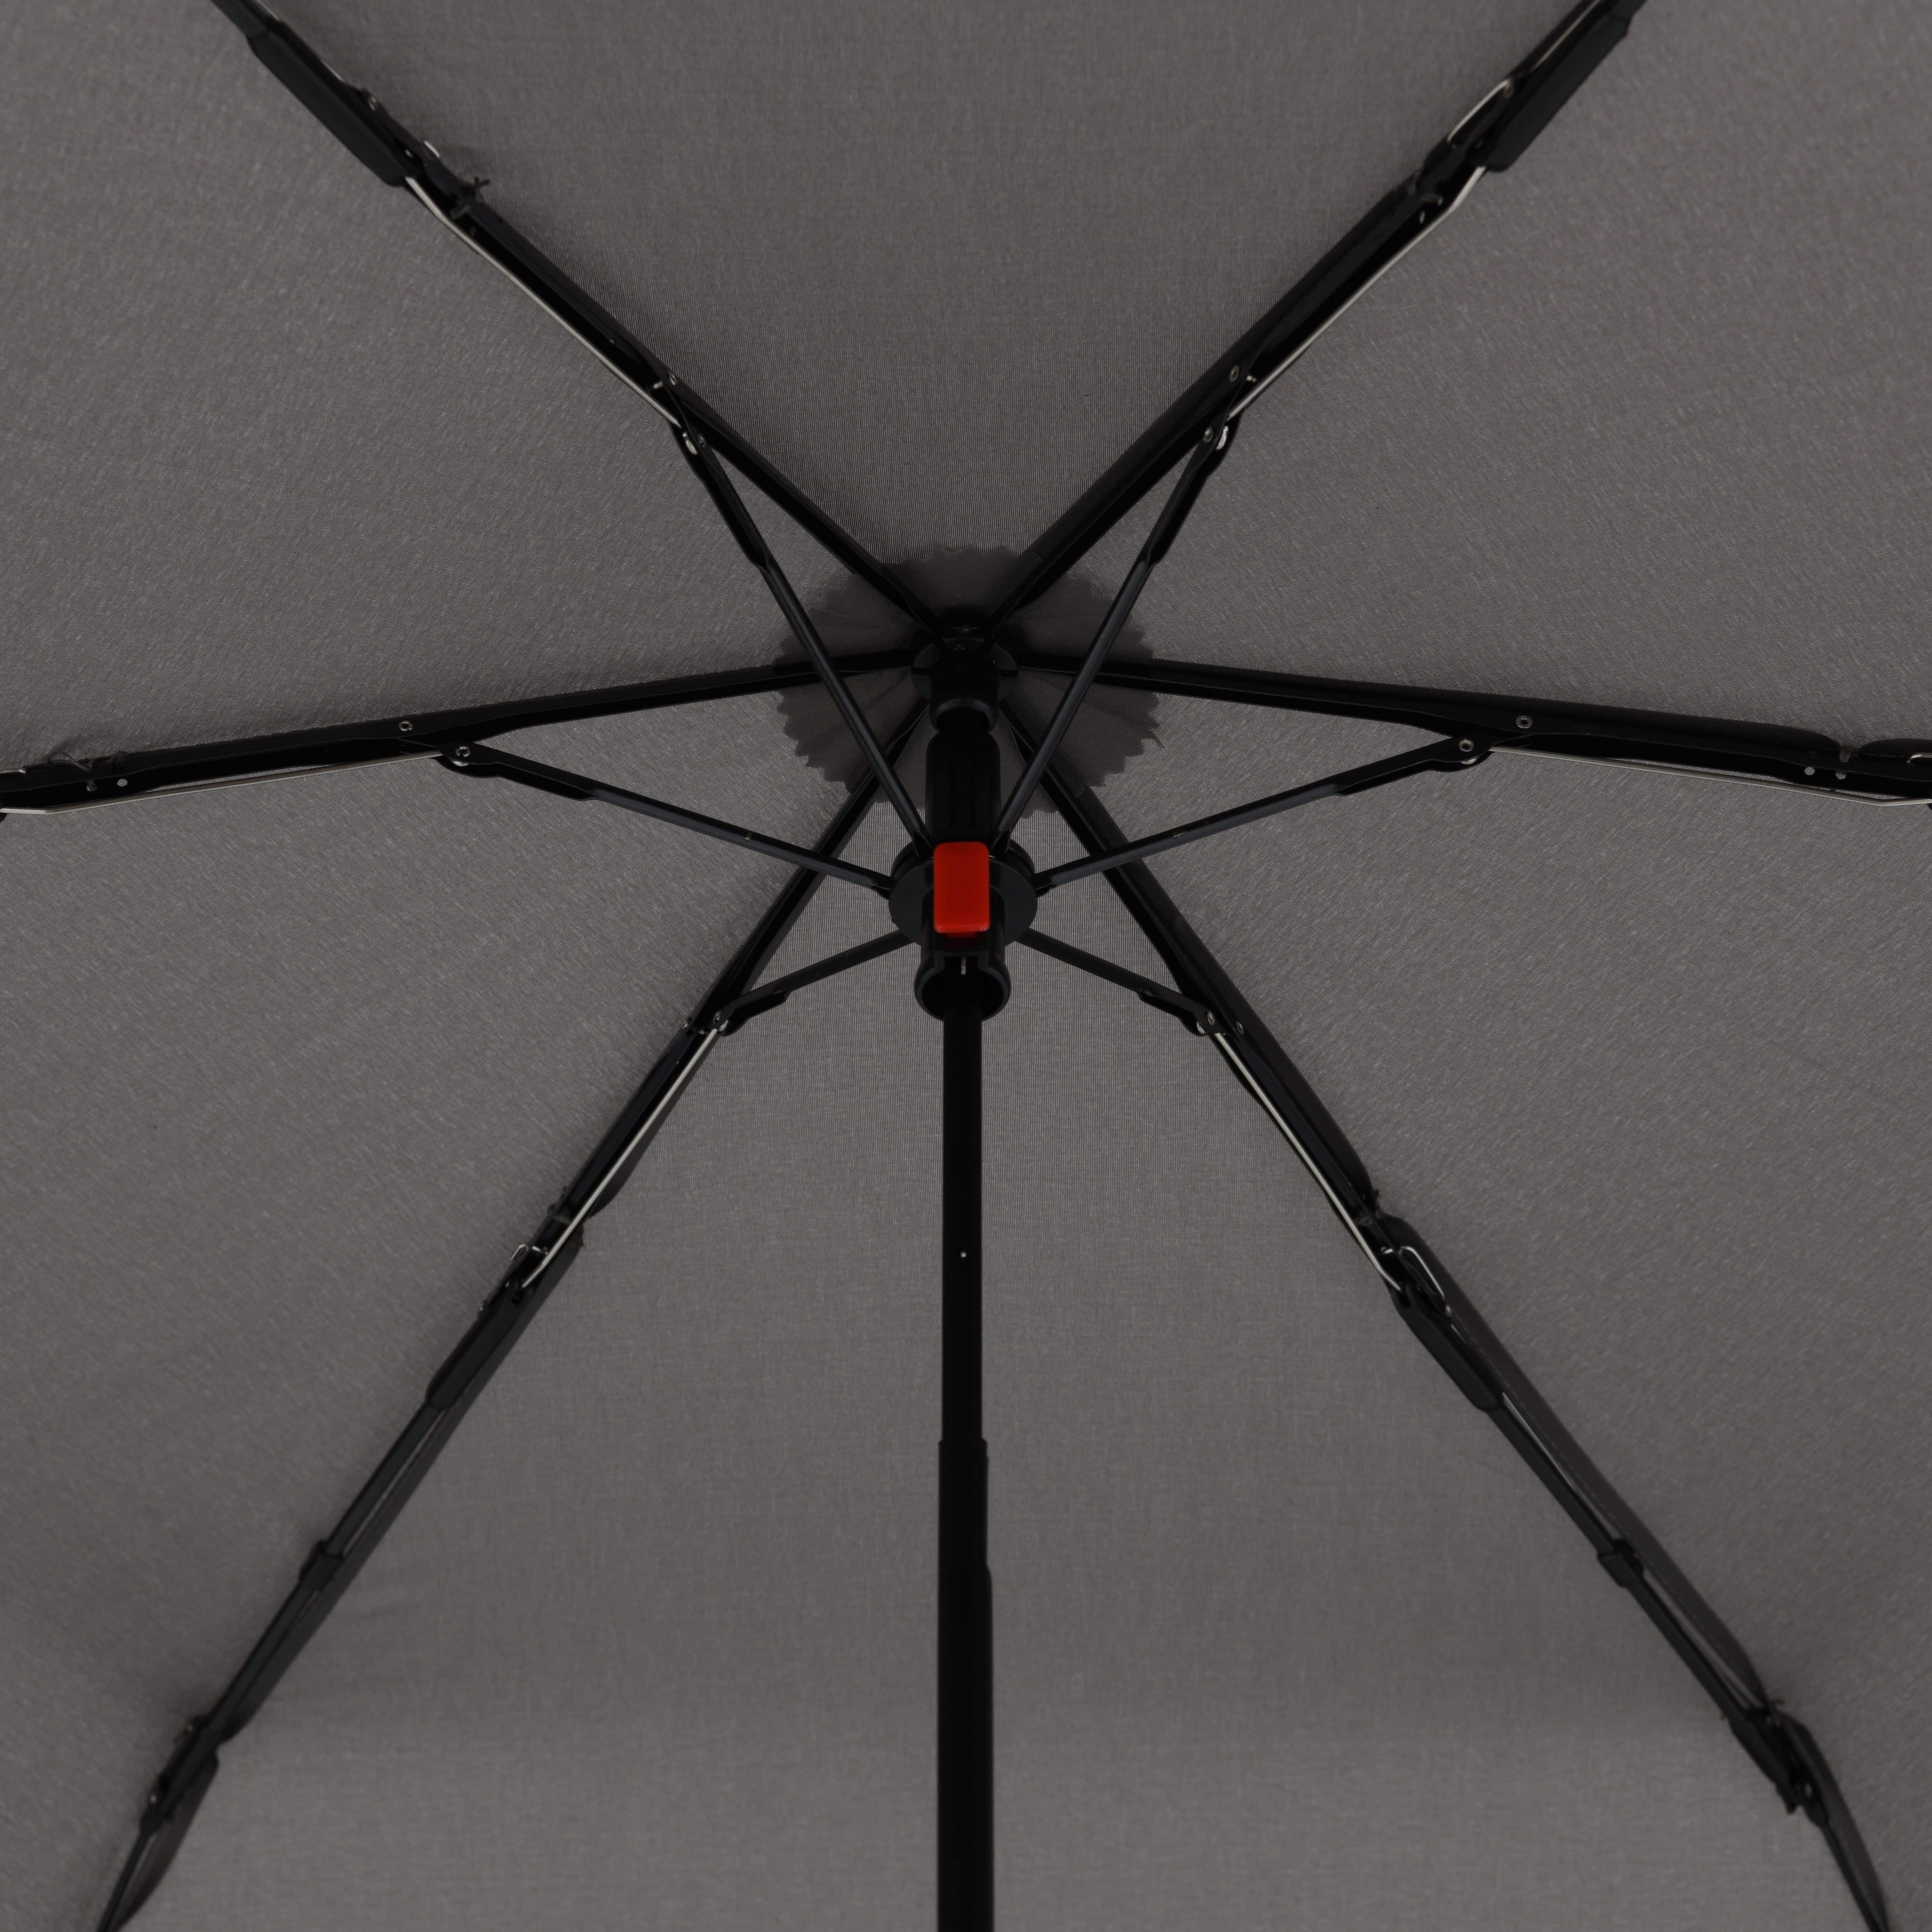 Knirps Umbrella C.050 medium manual - photo 7